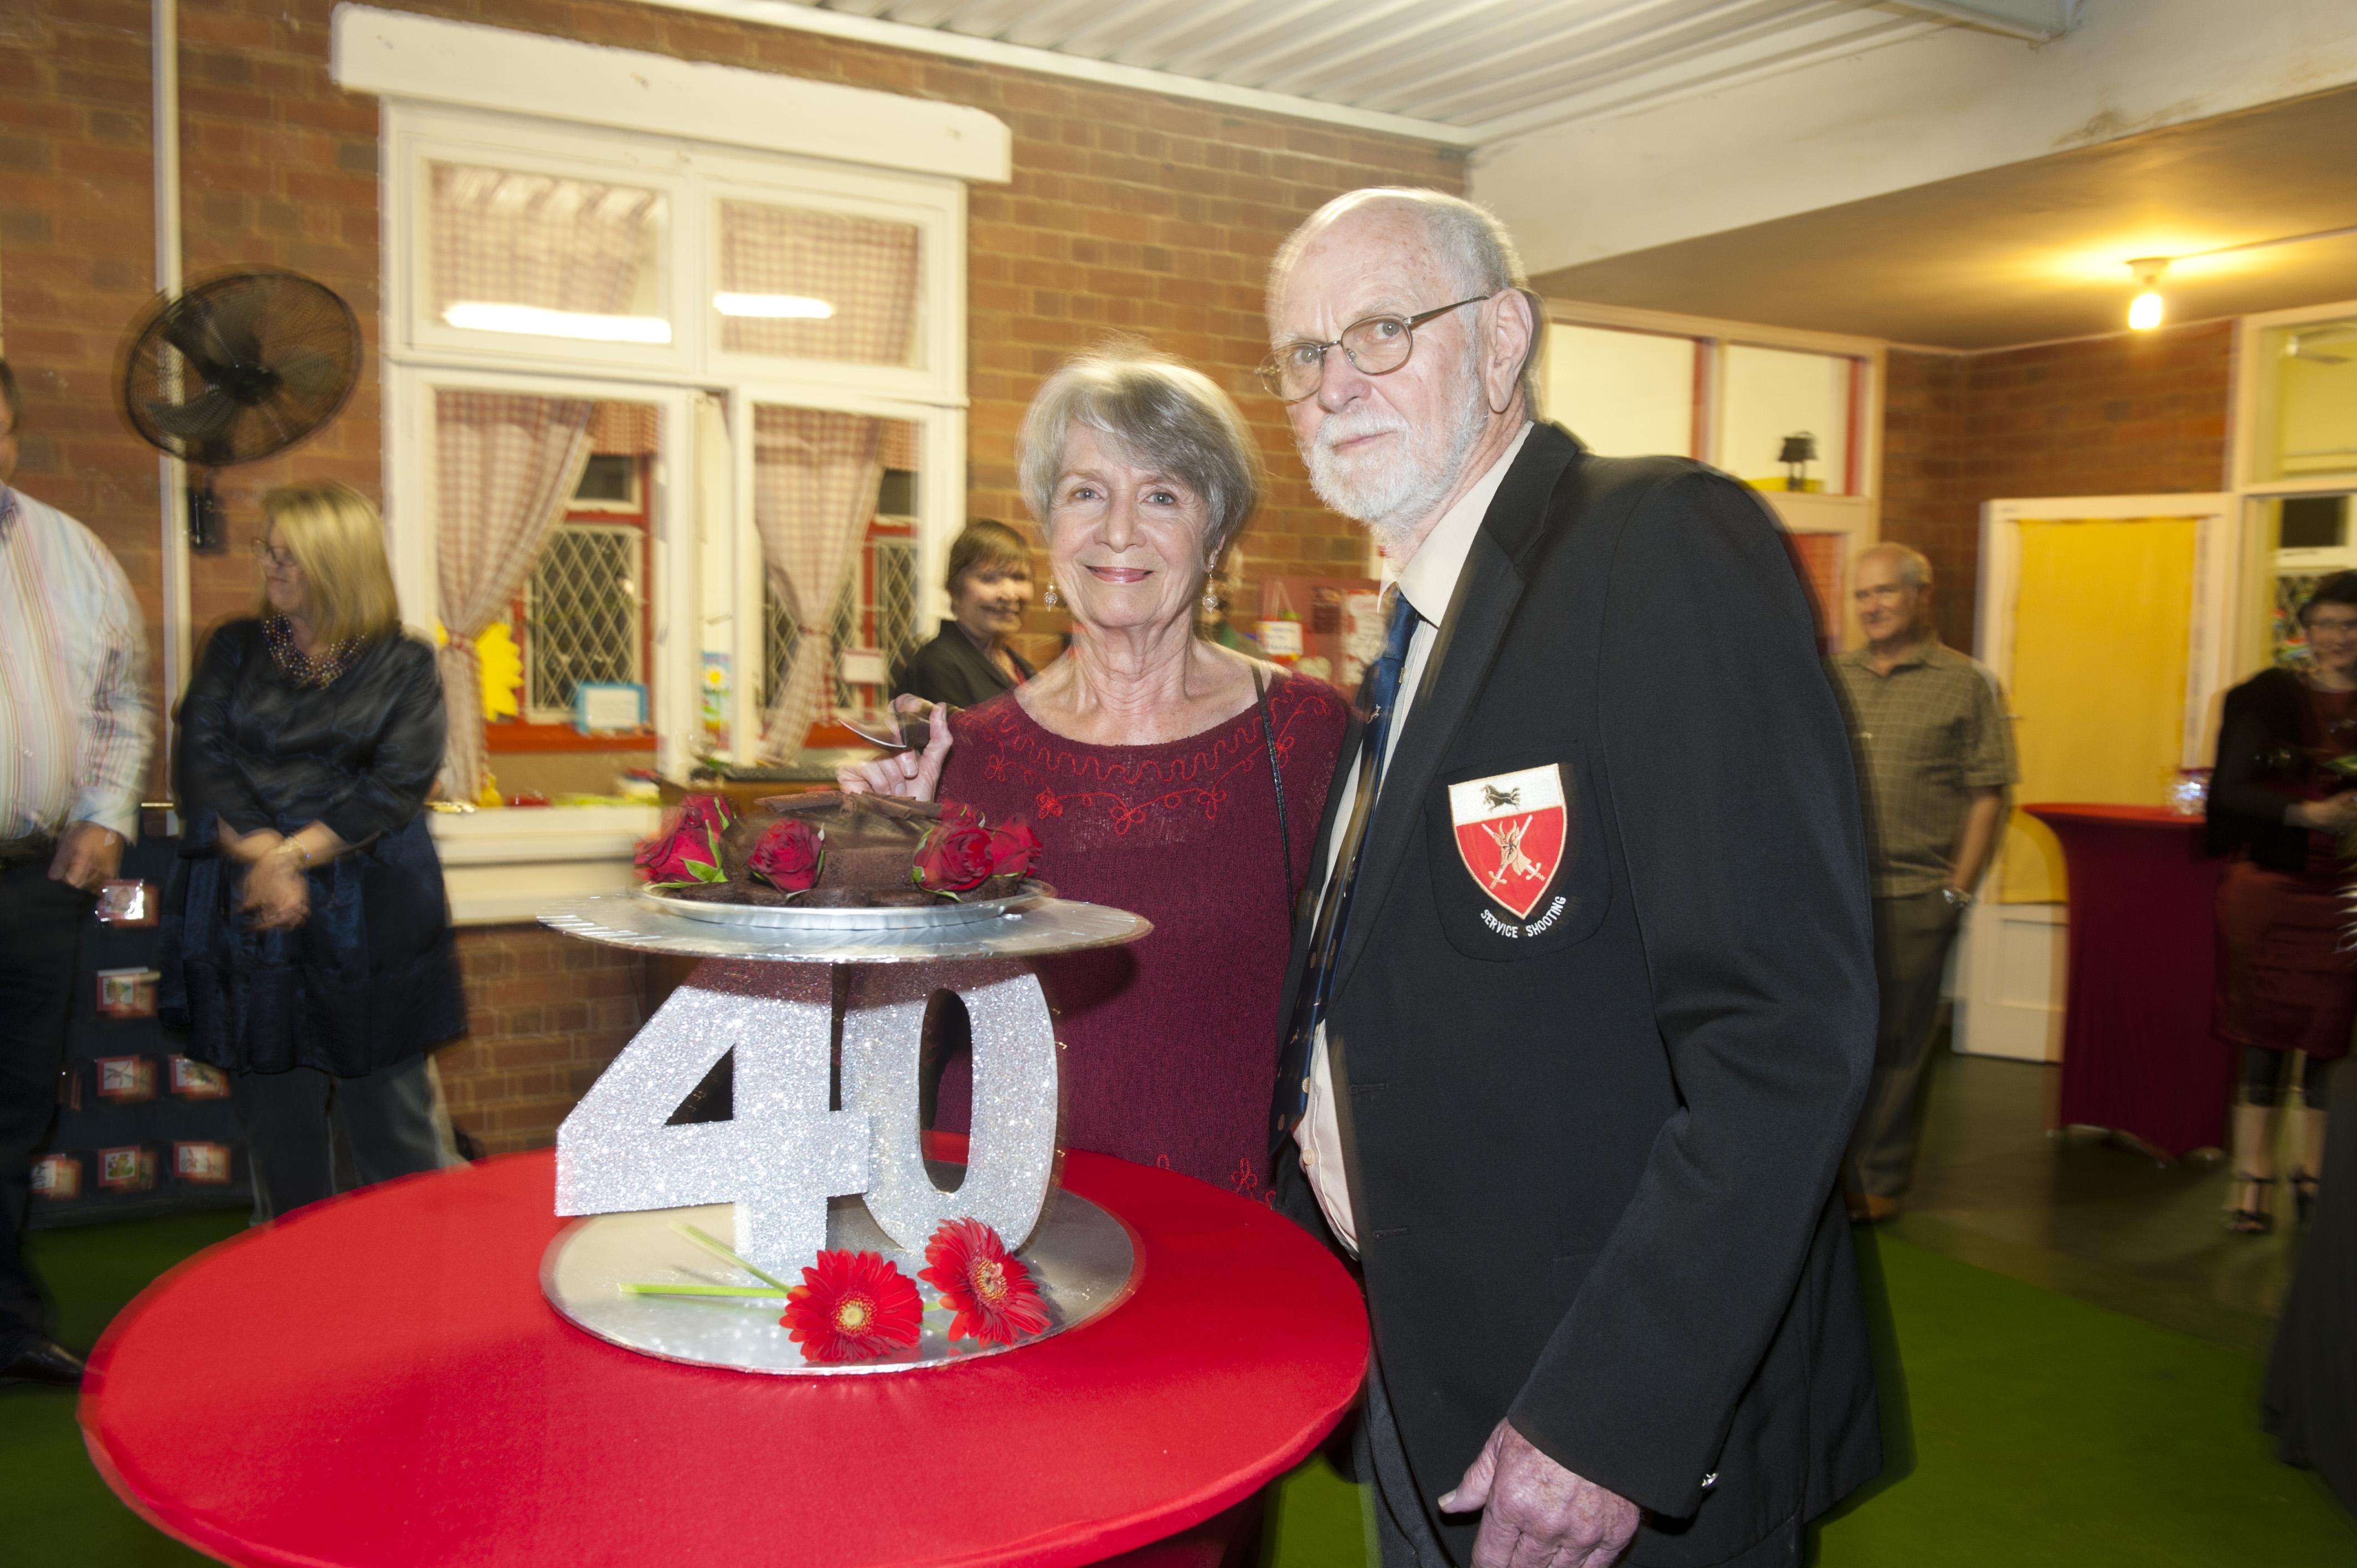 Sue and Brian Ferraz